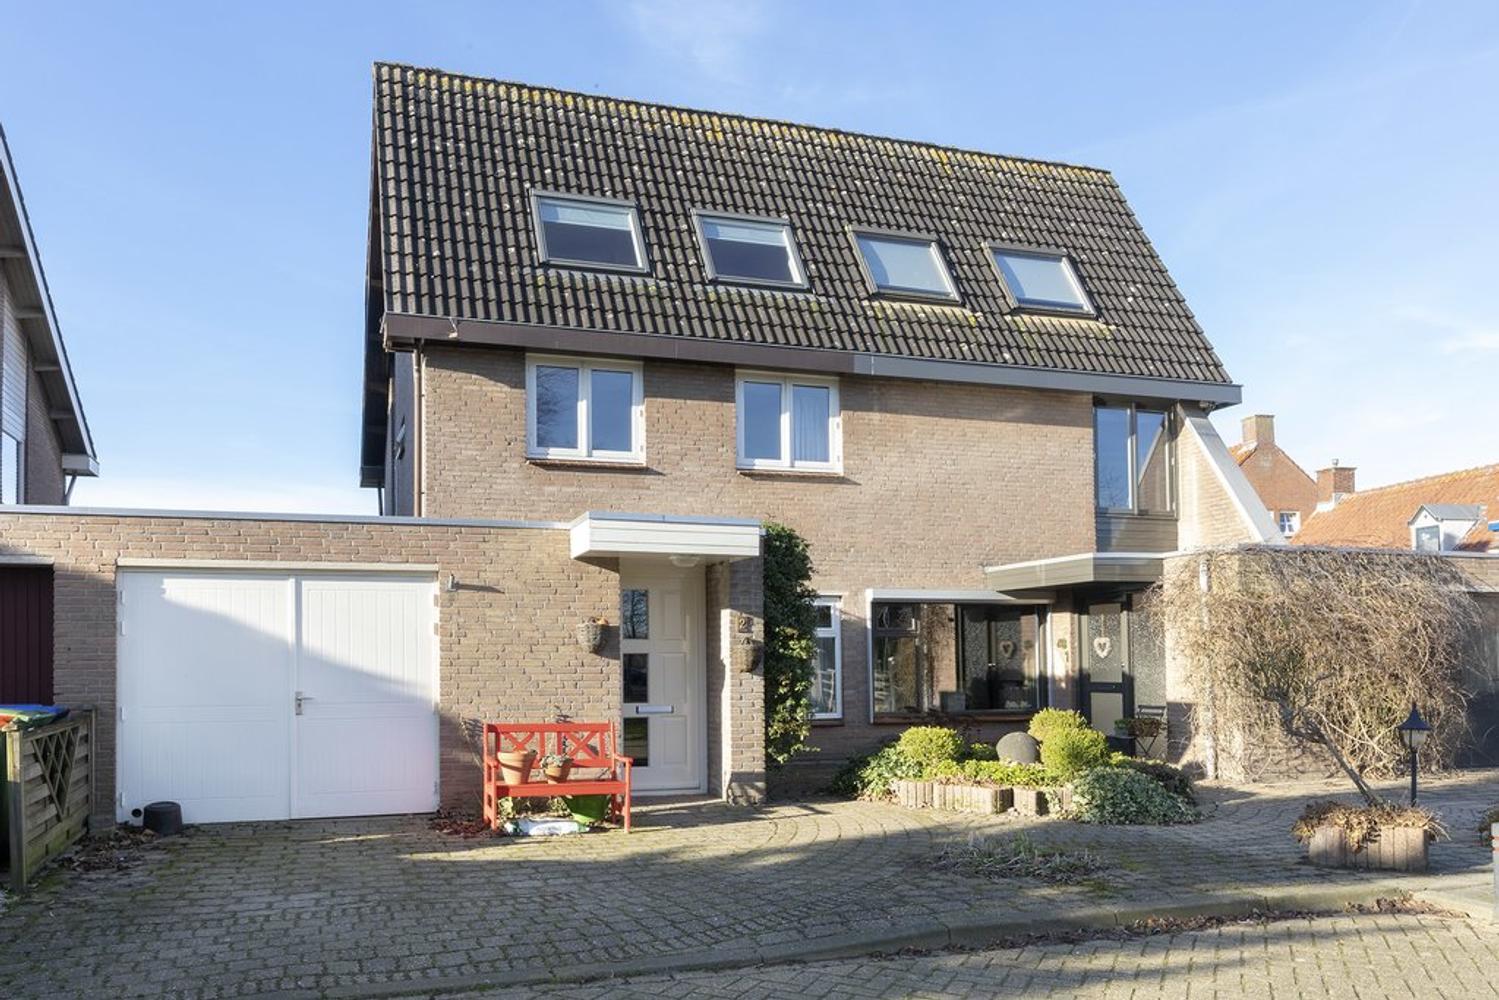 Container Verkoop Huizen : Huizen te koop en te huur in klundert van wensen makelaars b.v.